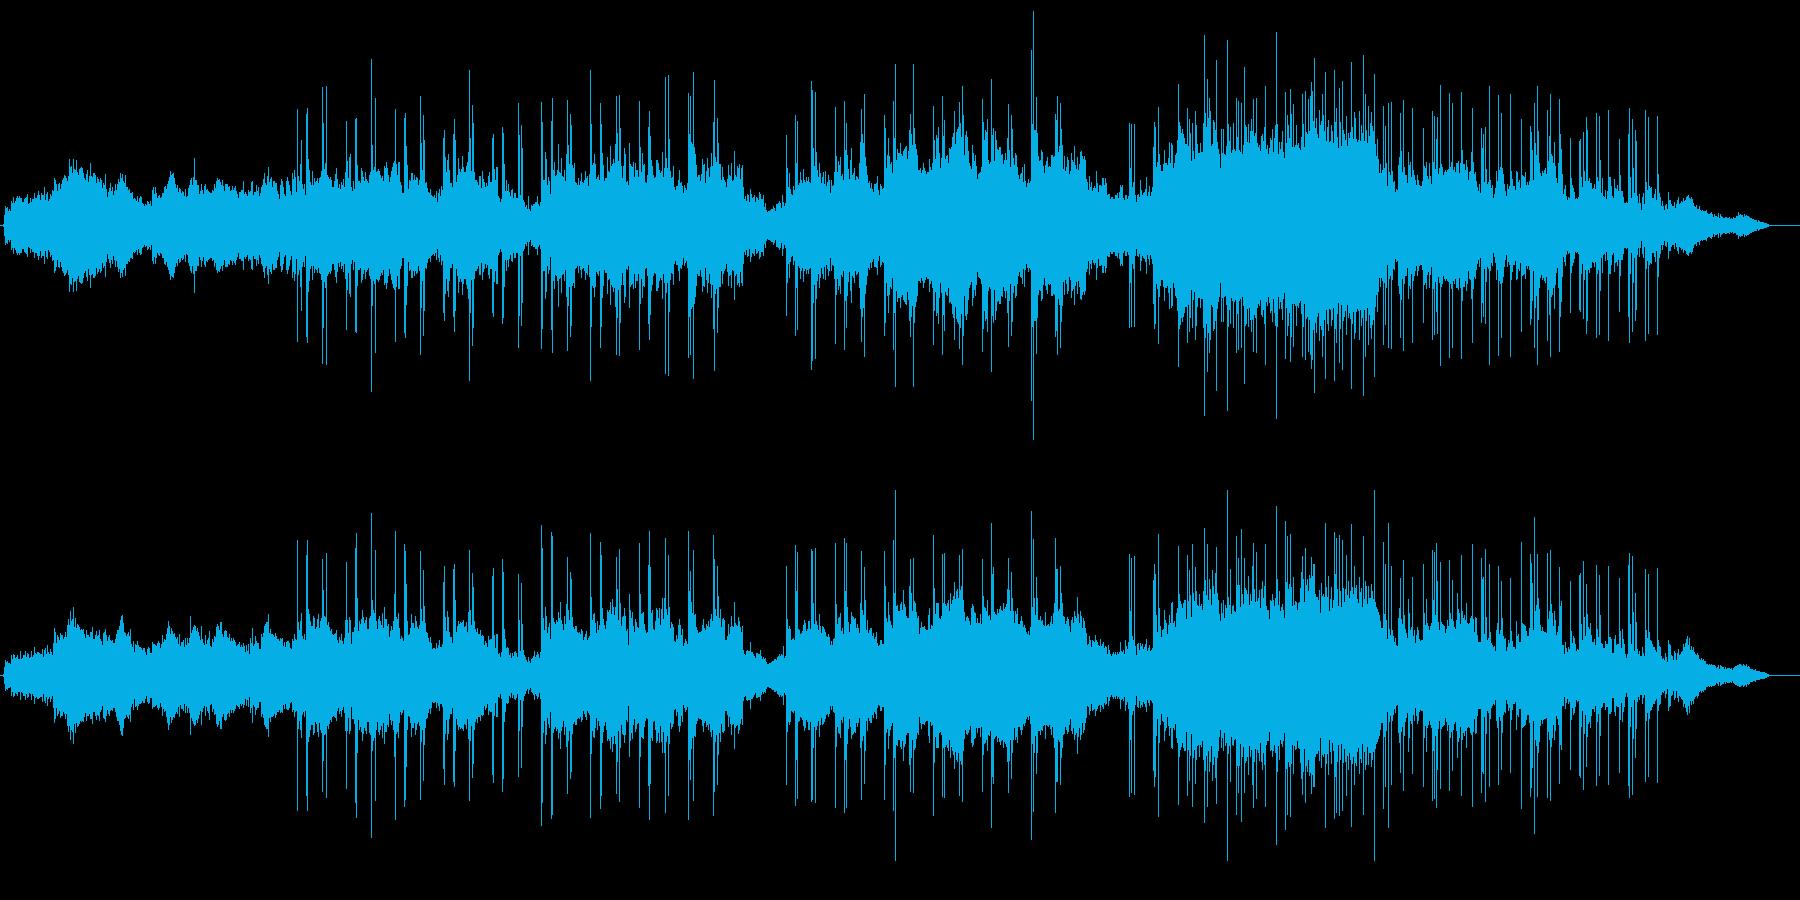 大気(プラネット・アース)の再生済みの波形